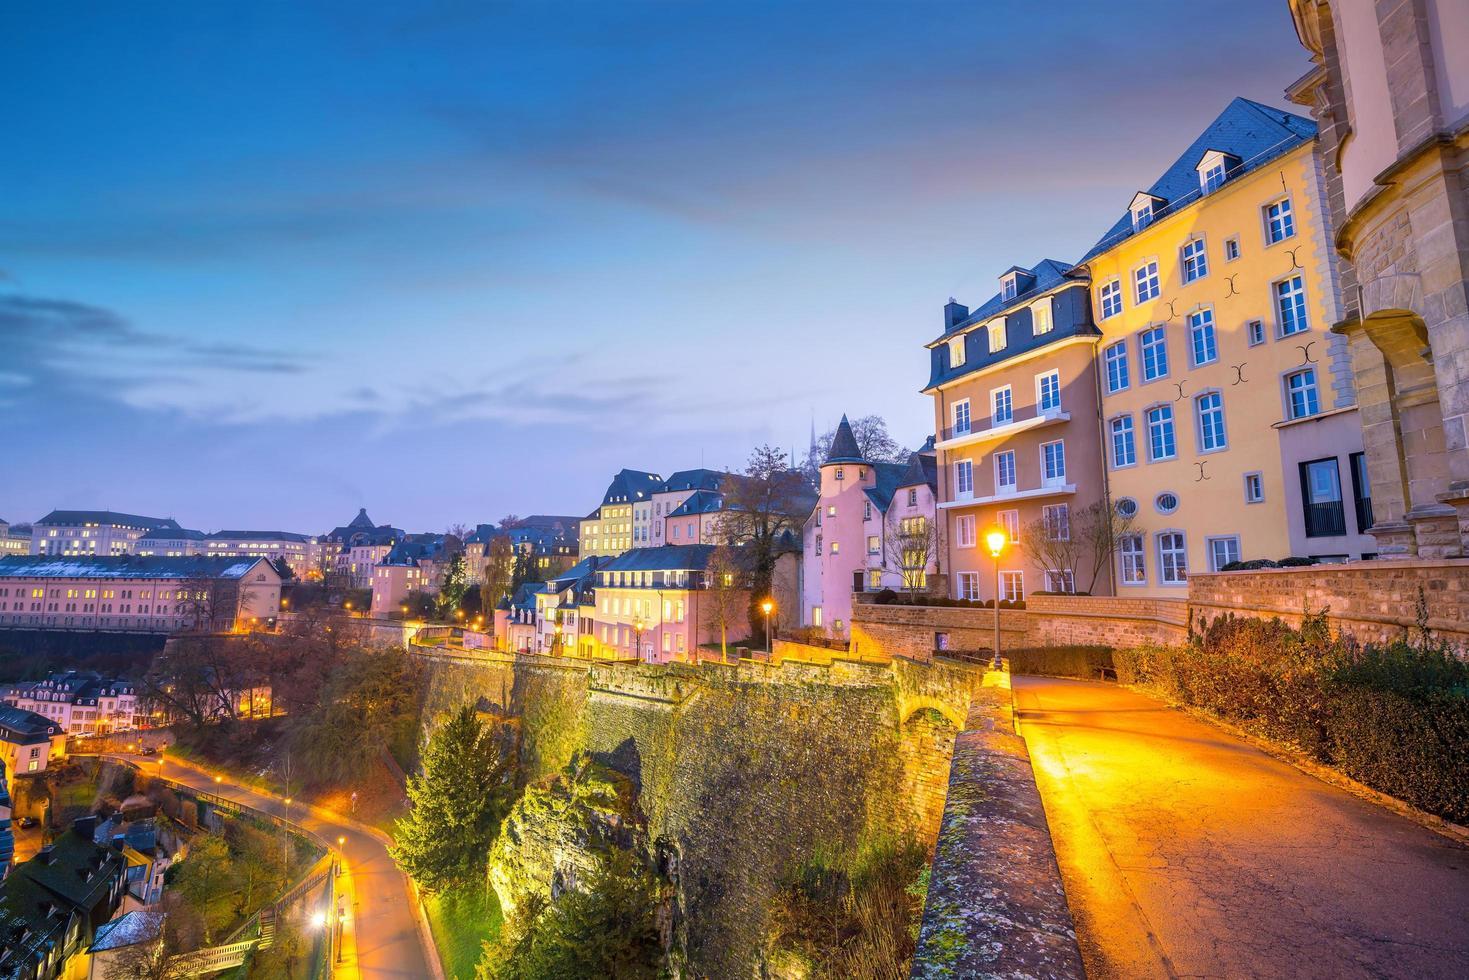 skyline van de oude stad luxemburg stad vanaf bovenaanzicht foto